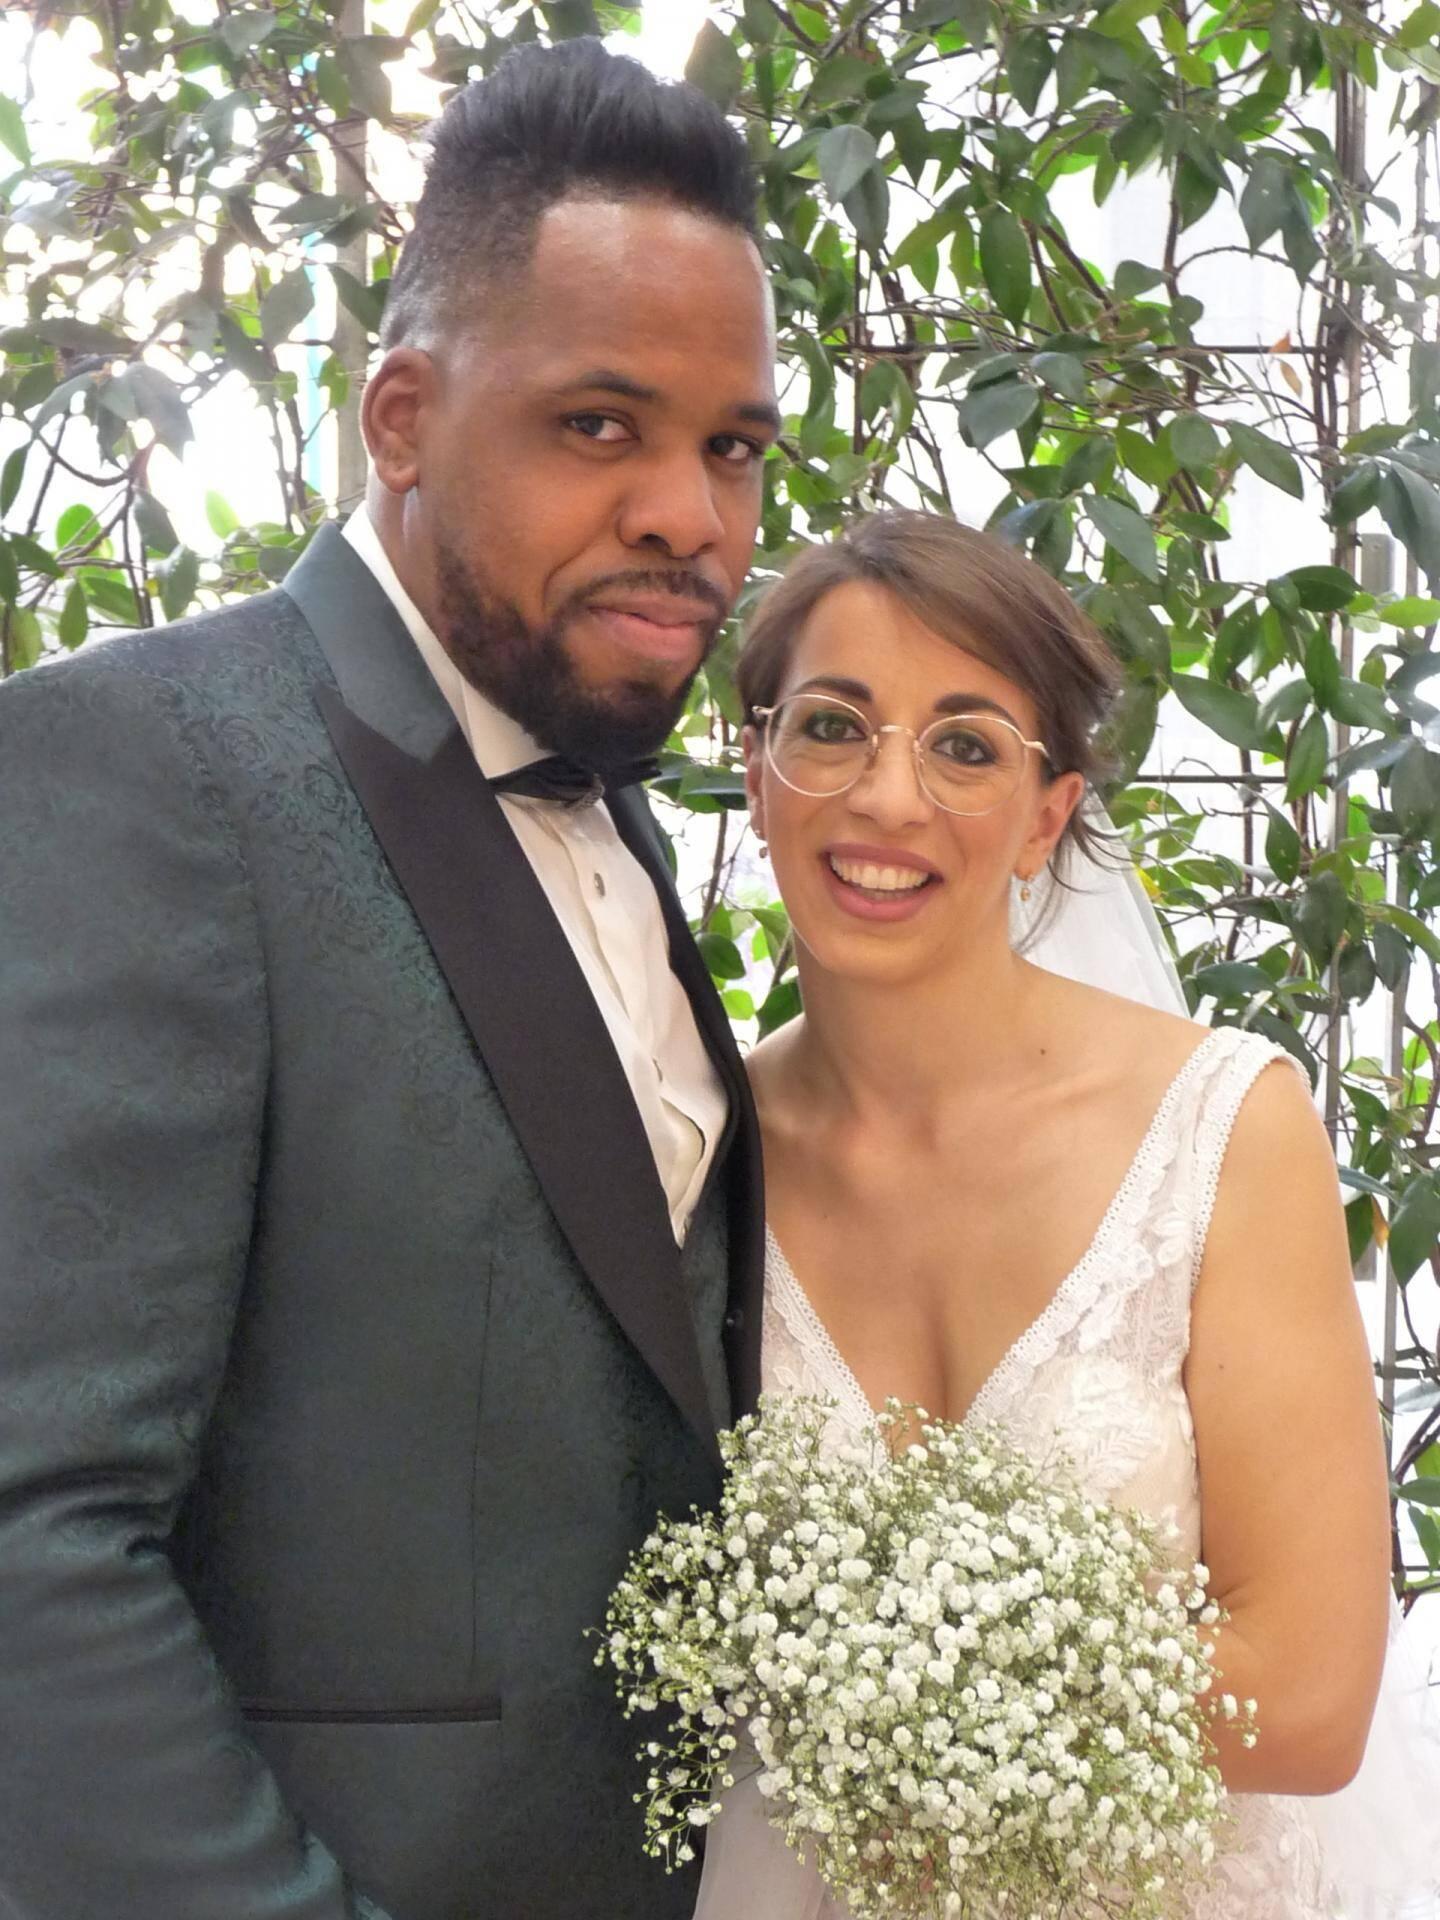 Michael Lellis, employé commercial, et Madeline Toussaint, assistante de direction.